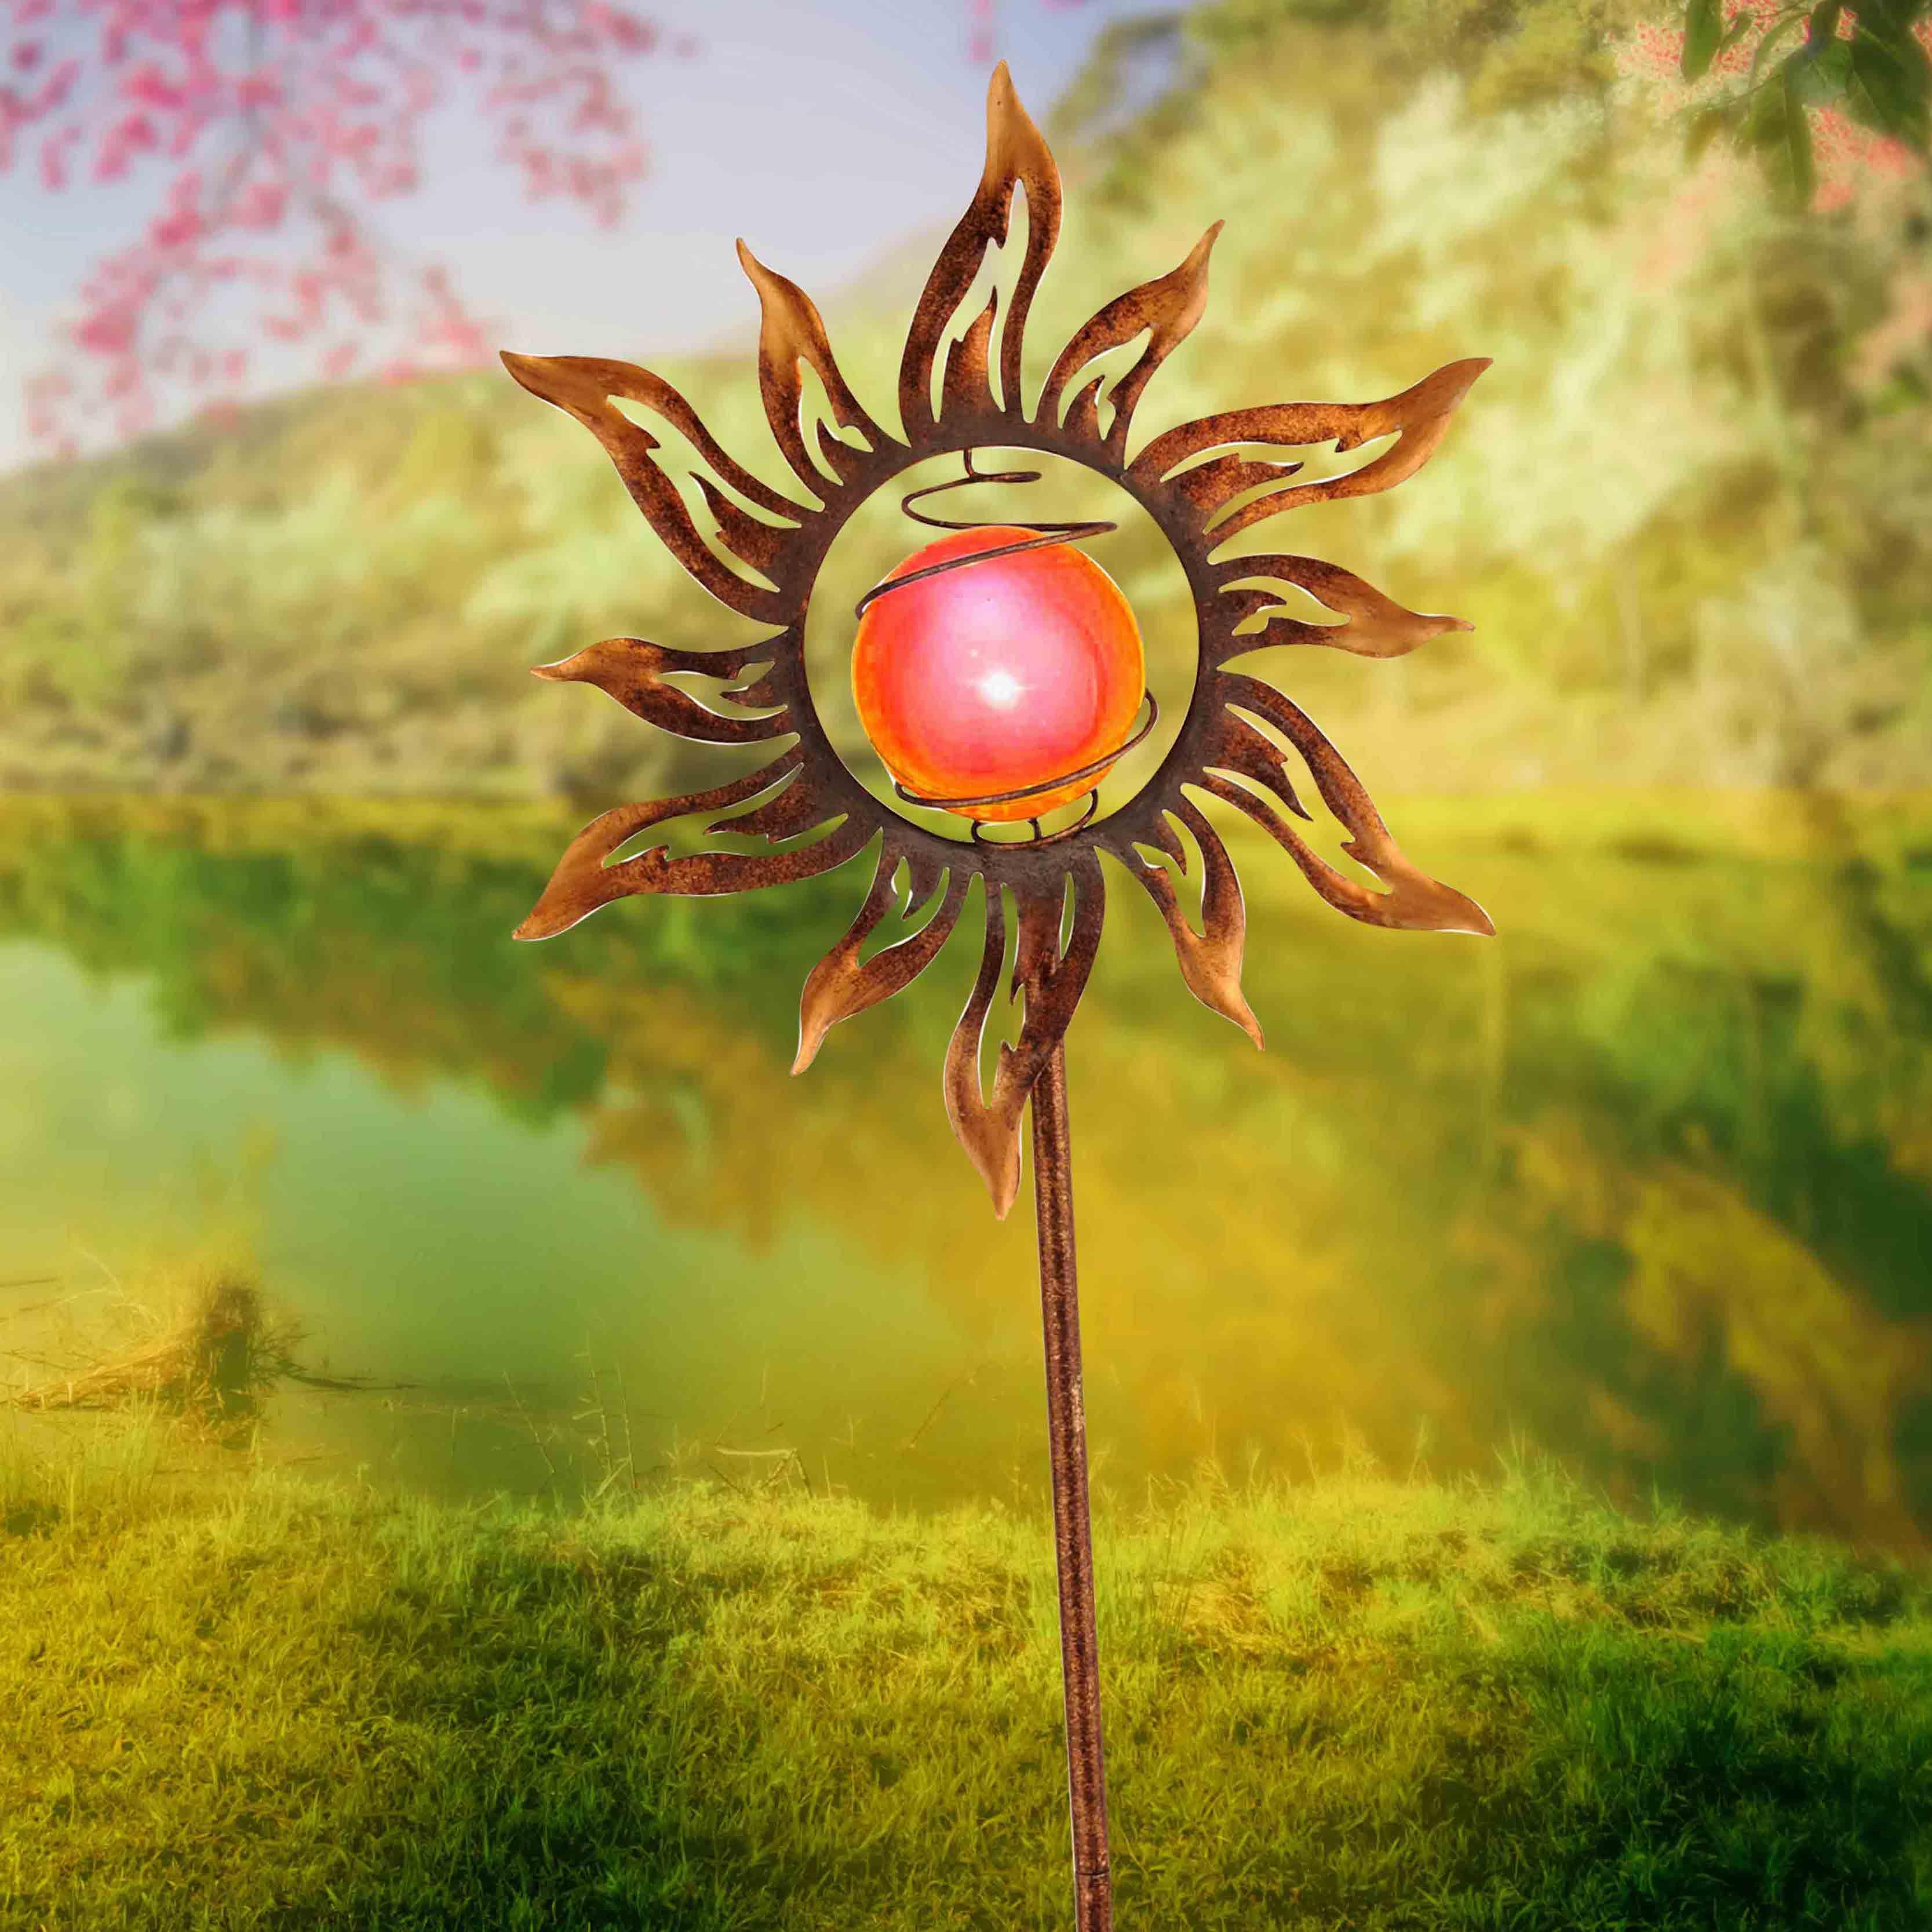 Solarleuchte, rostfarben, Sonnen-Motiv, Erdspieß, spritzwassergeschützt